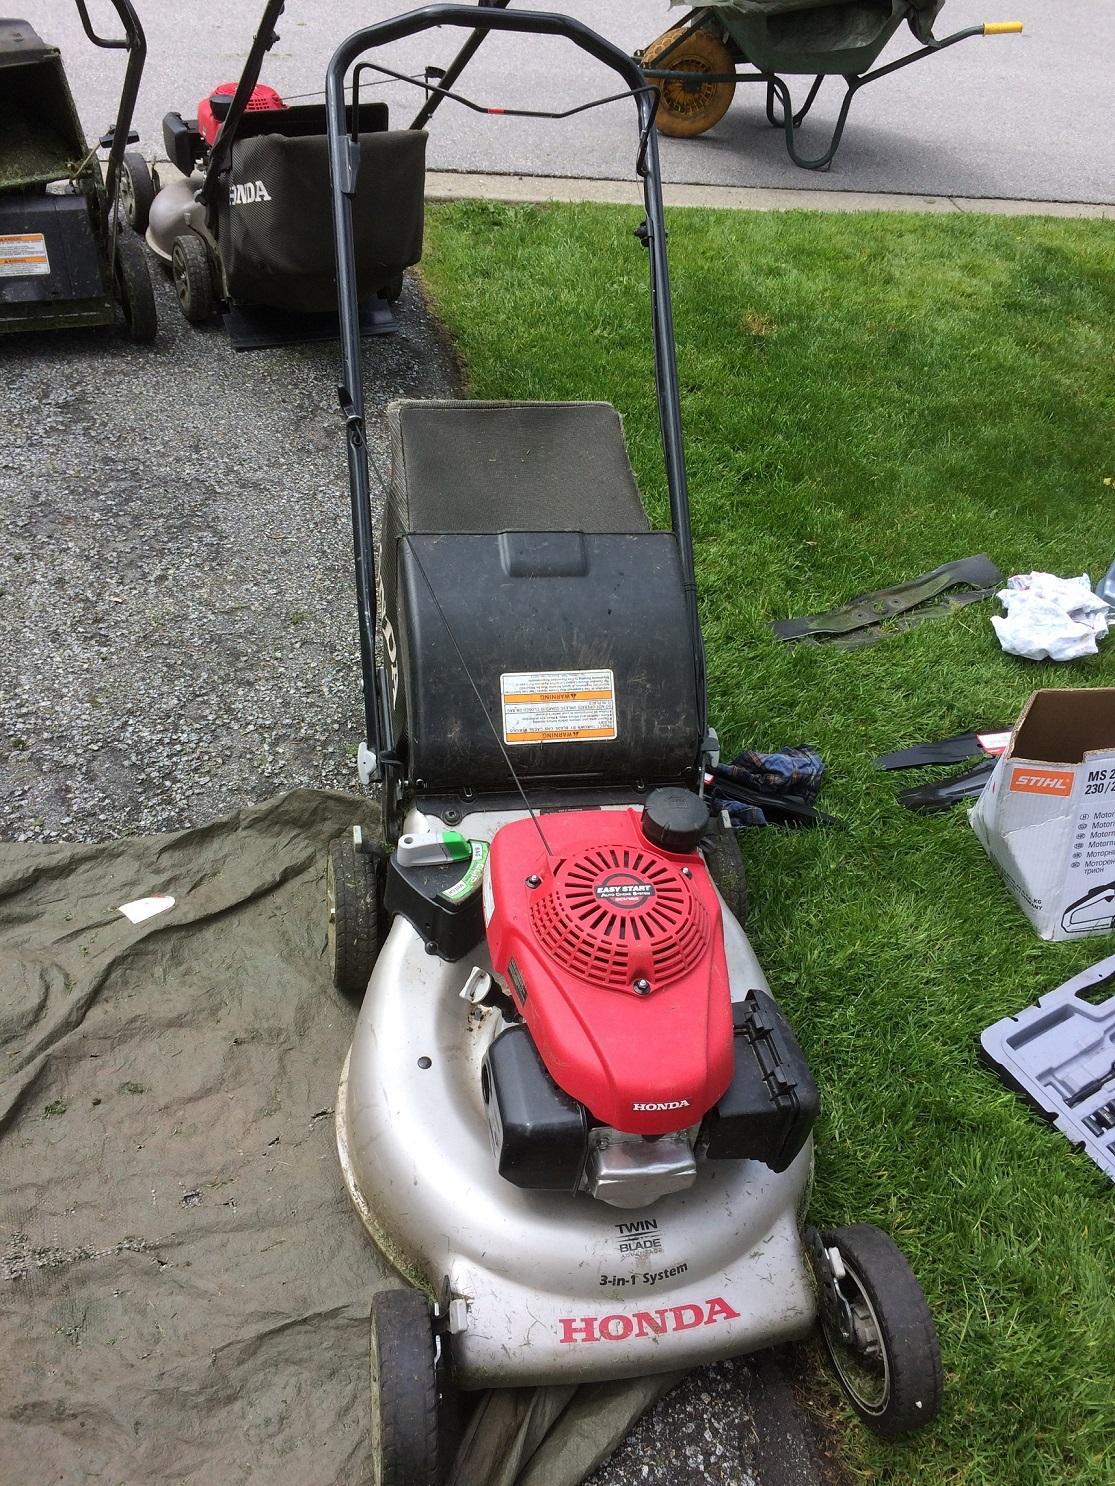 landscaping  property maintenance   change  lawn mower oil   field proper